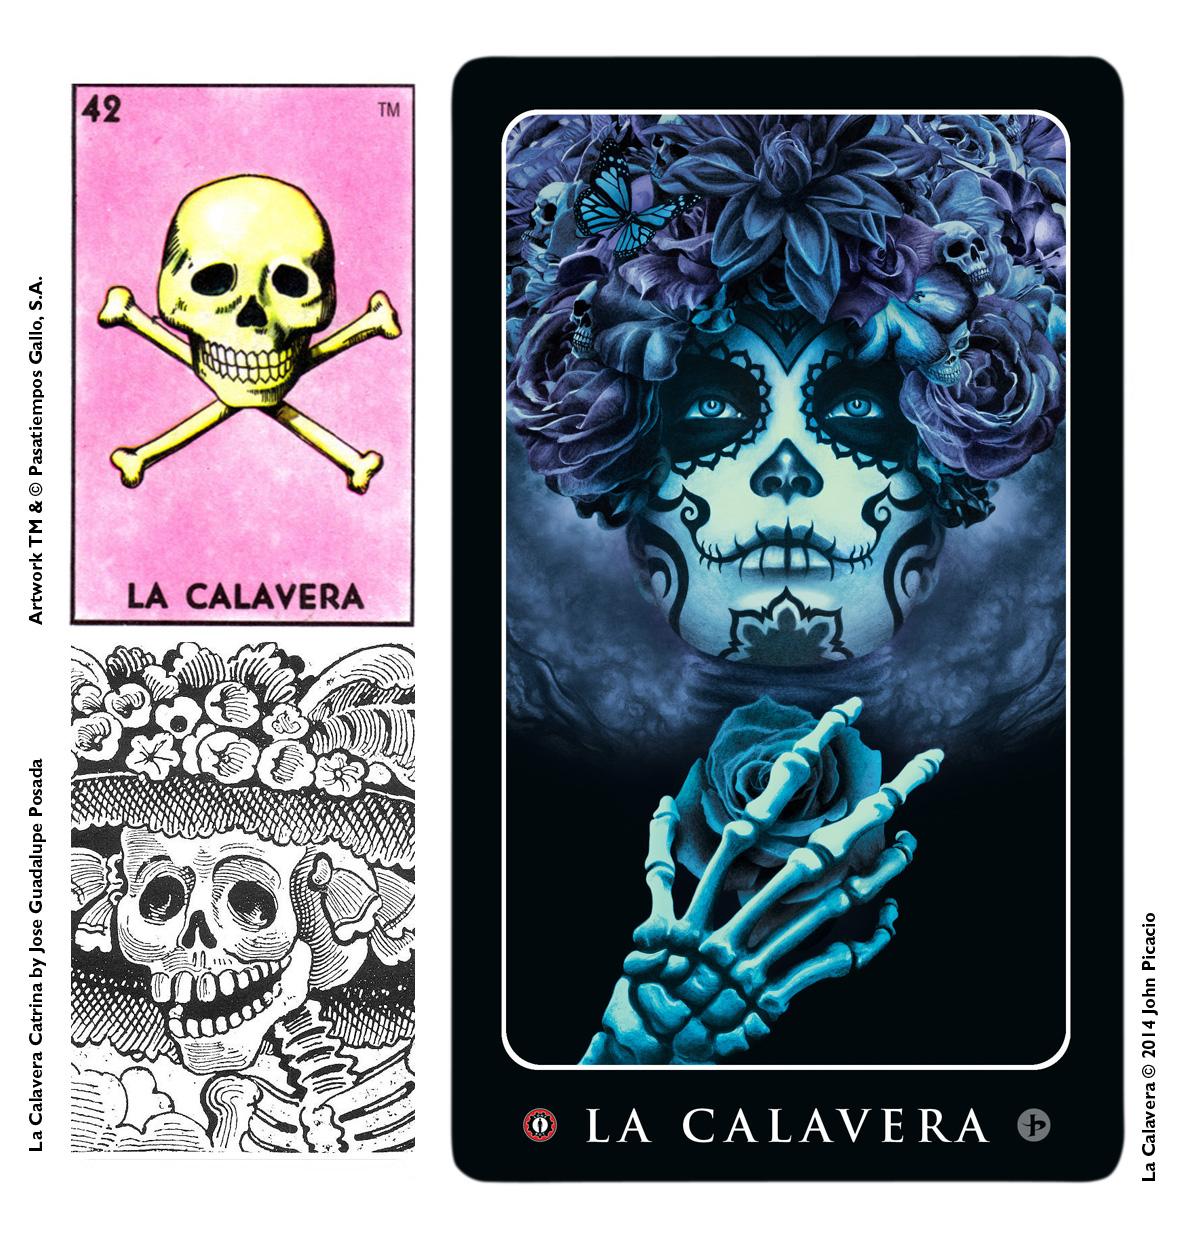 5LACALAVERA3